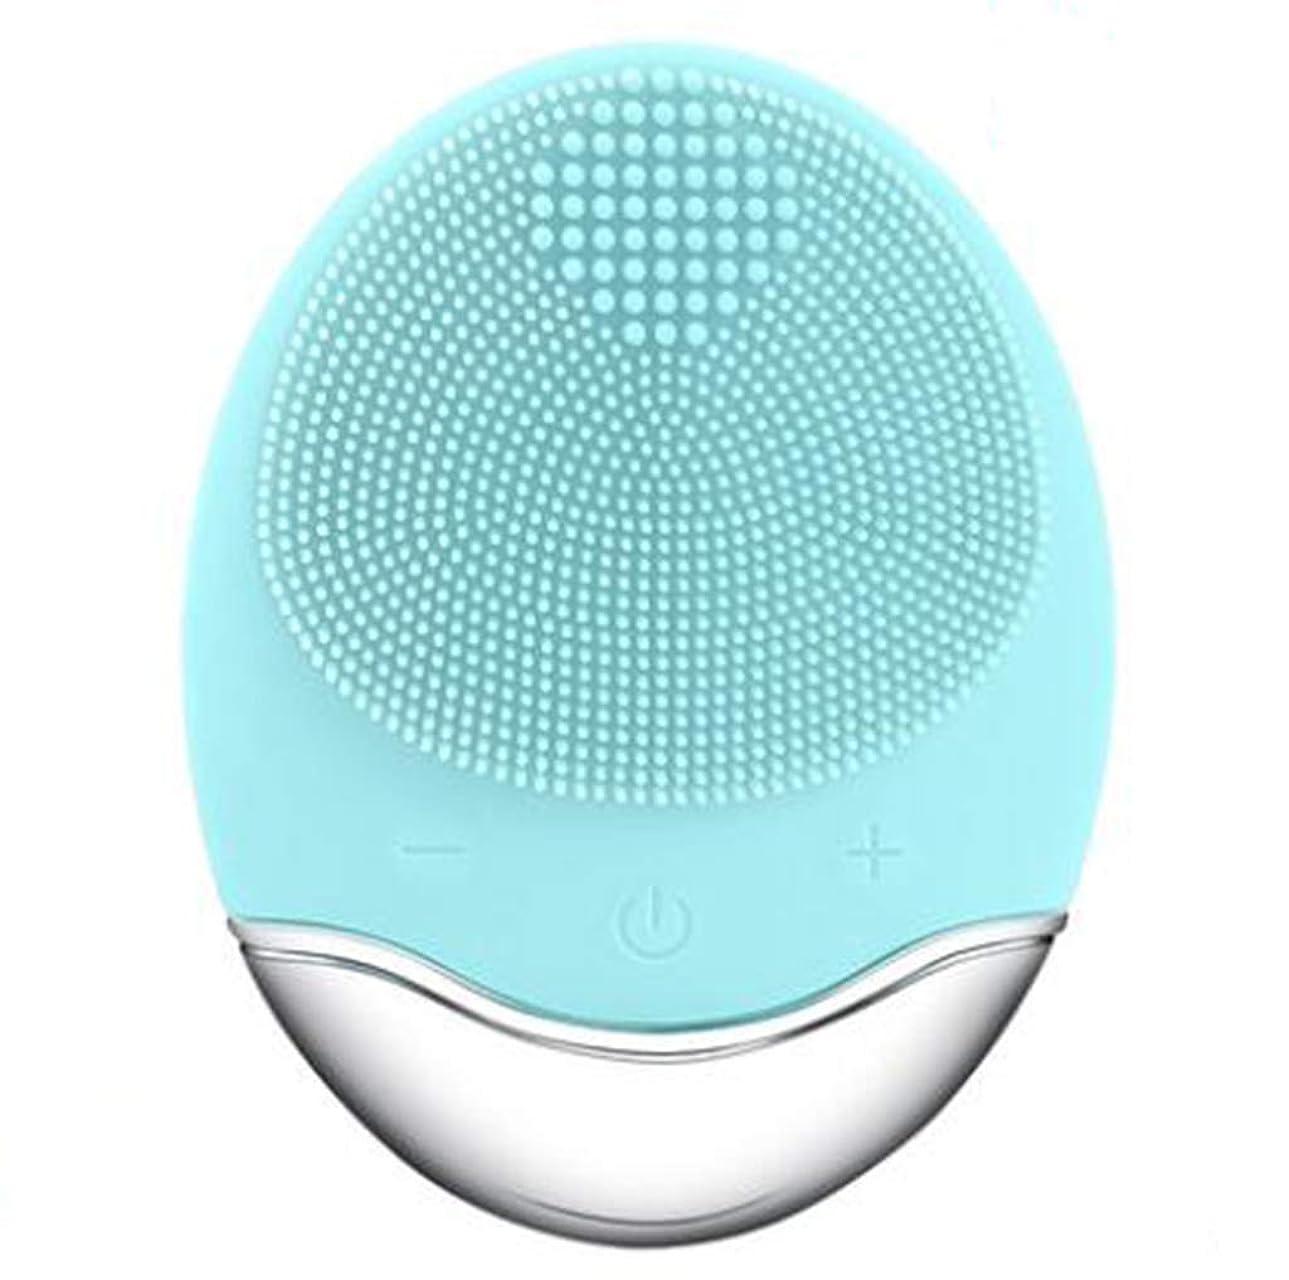 ラブ調整デュアルシリコーン電気クレンジング器具、洗顔毛穴クリーナーマッサージフェイス、イントロデューサー + クレンジング器具 (1 つ2個),Green